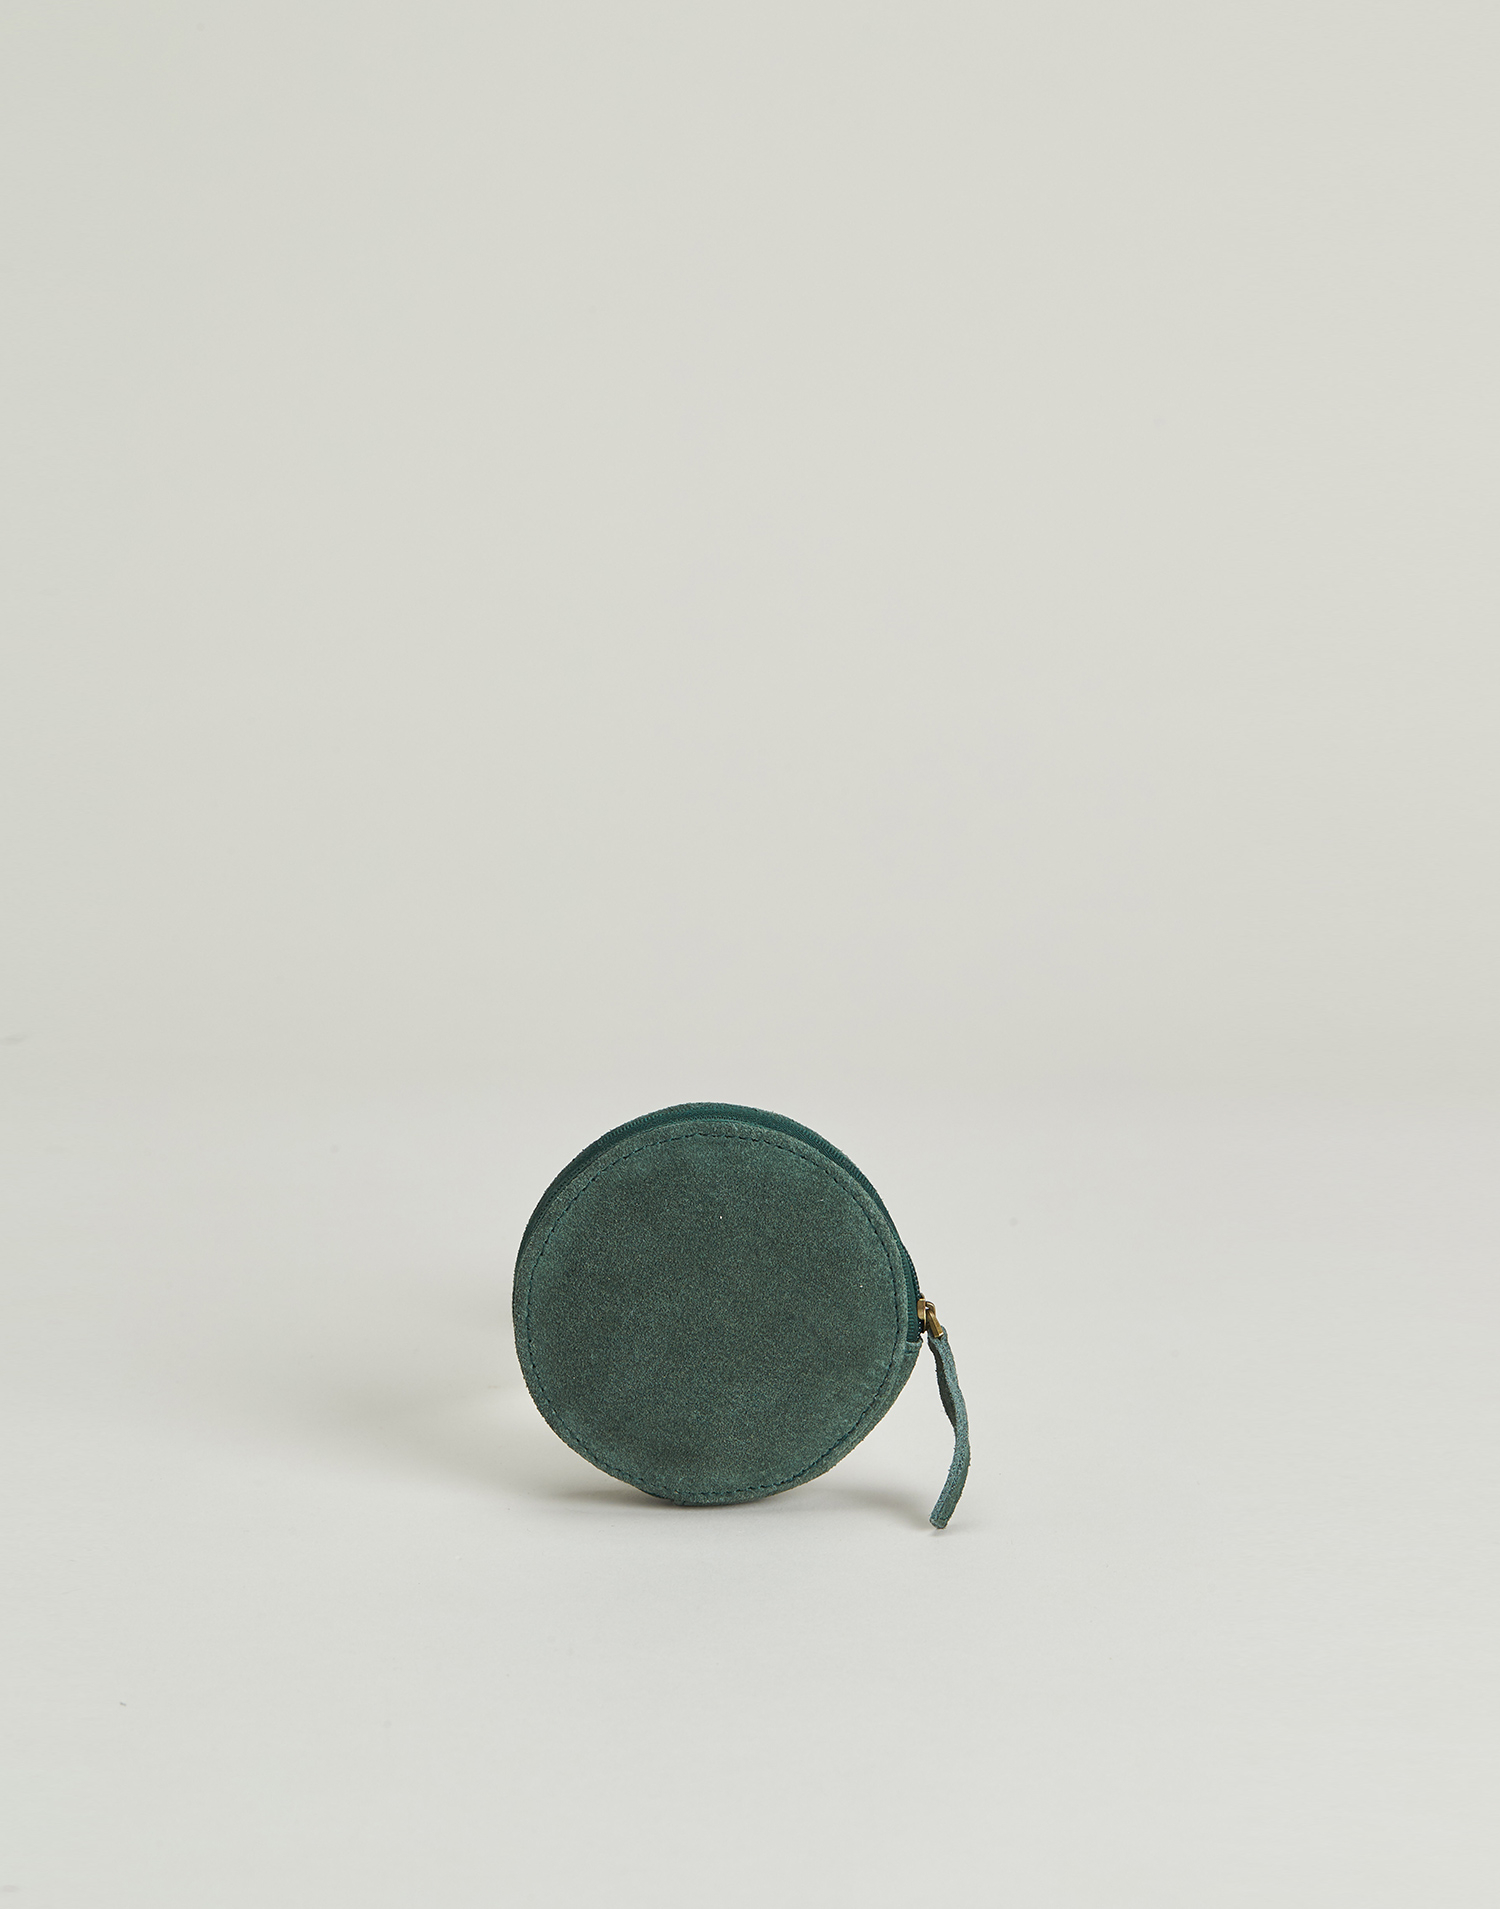 Round suede coin purse